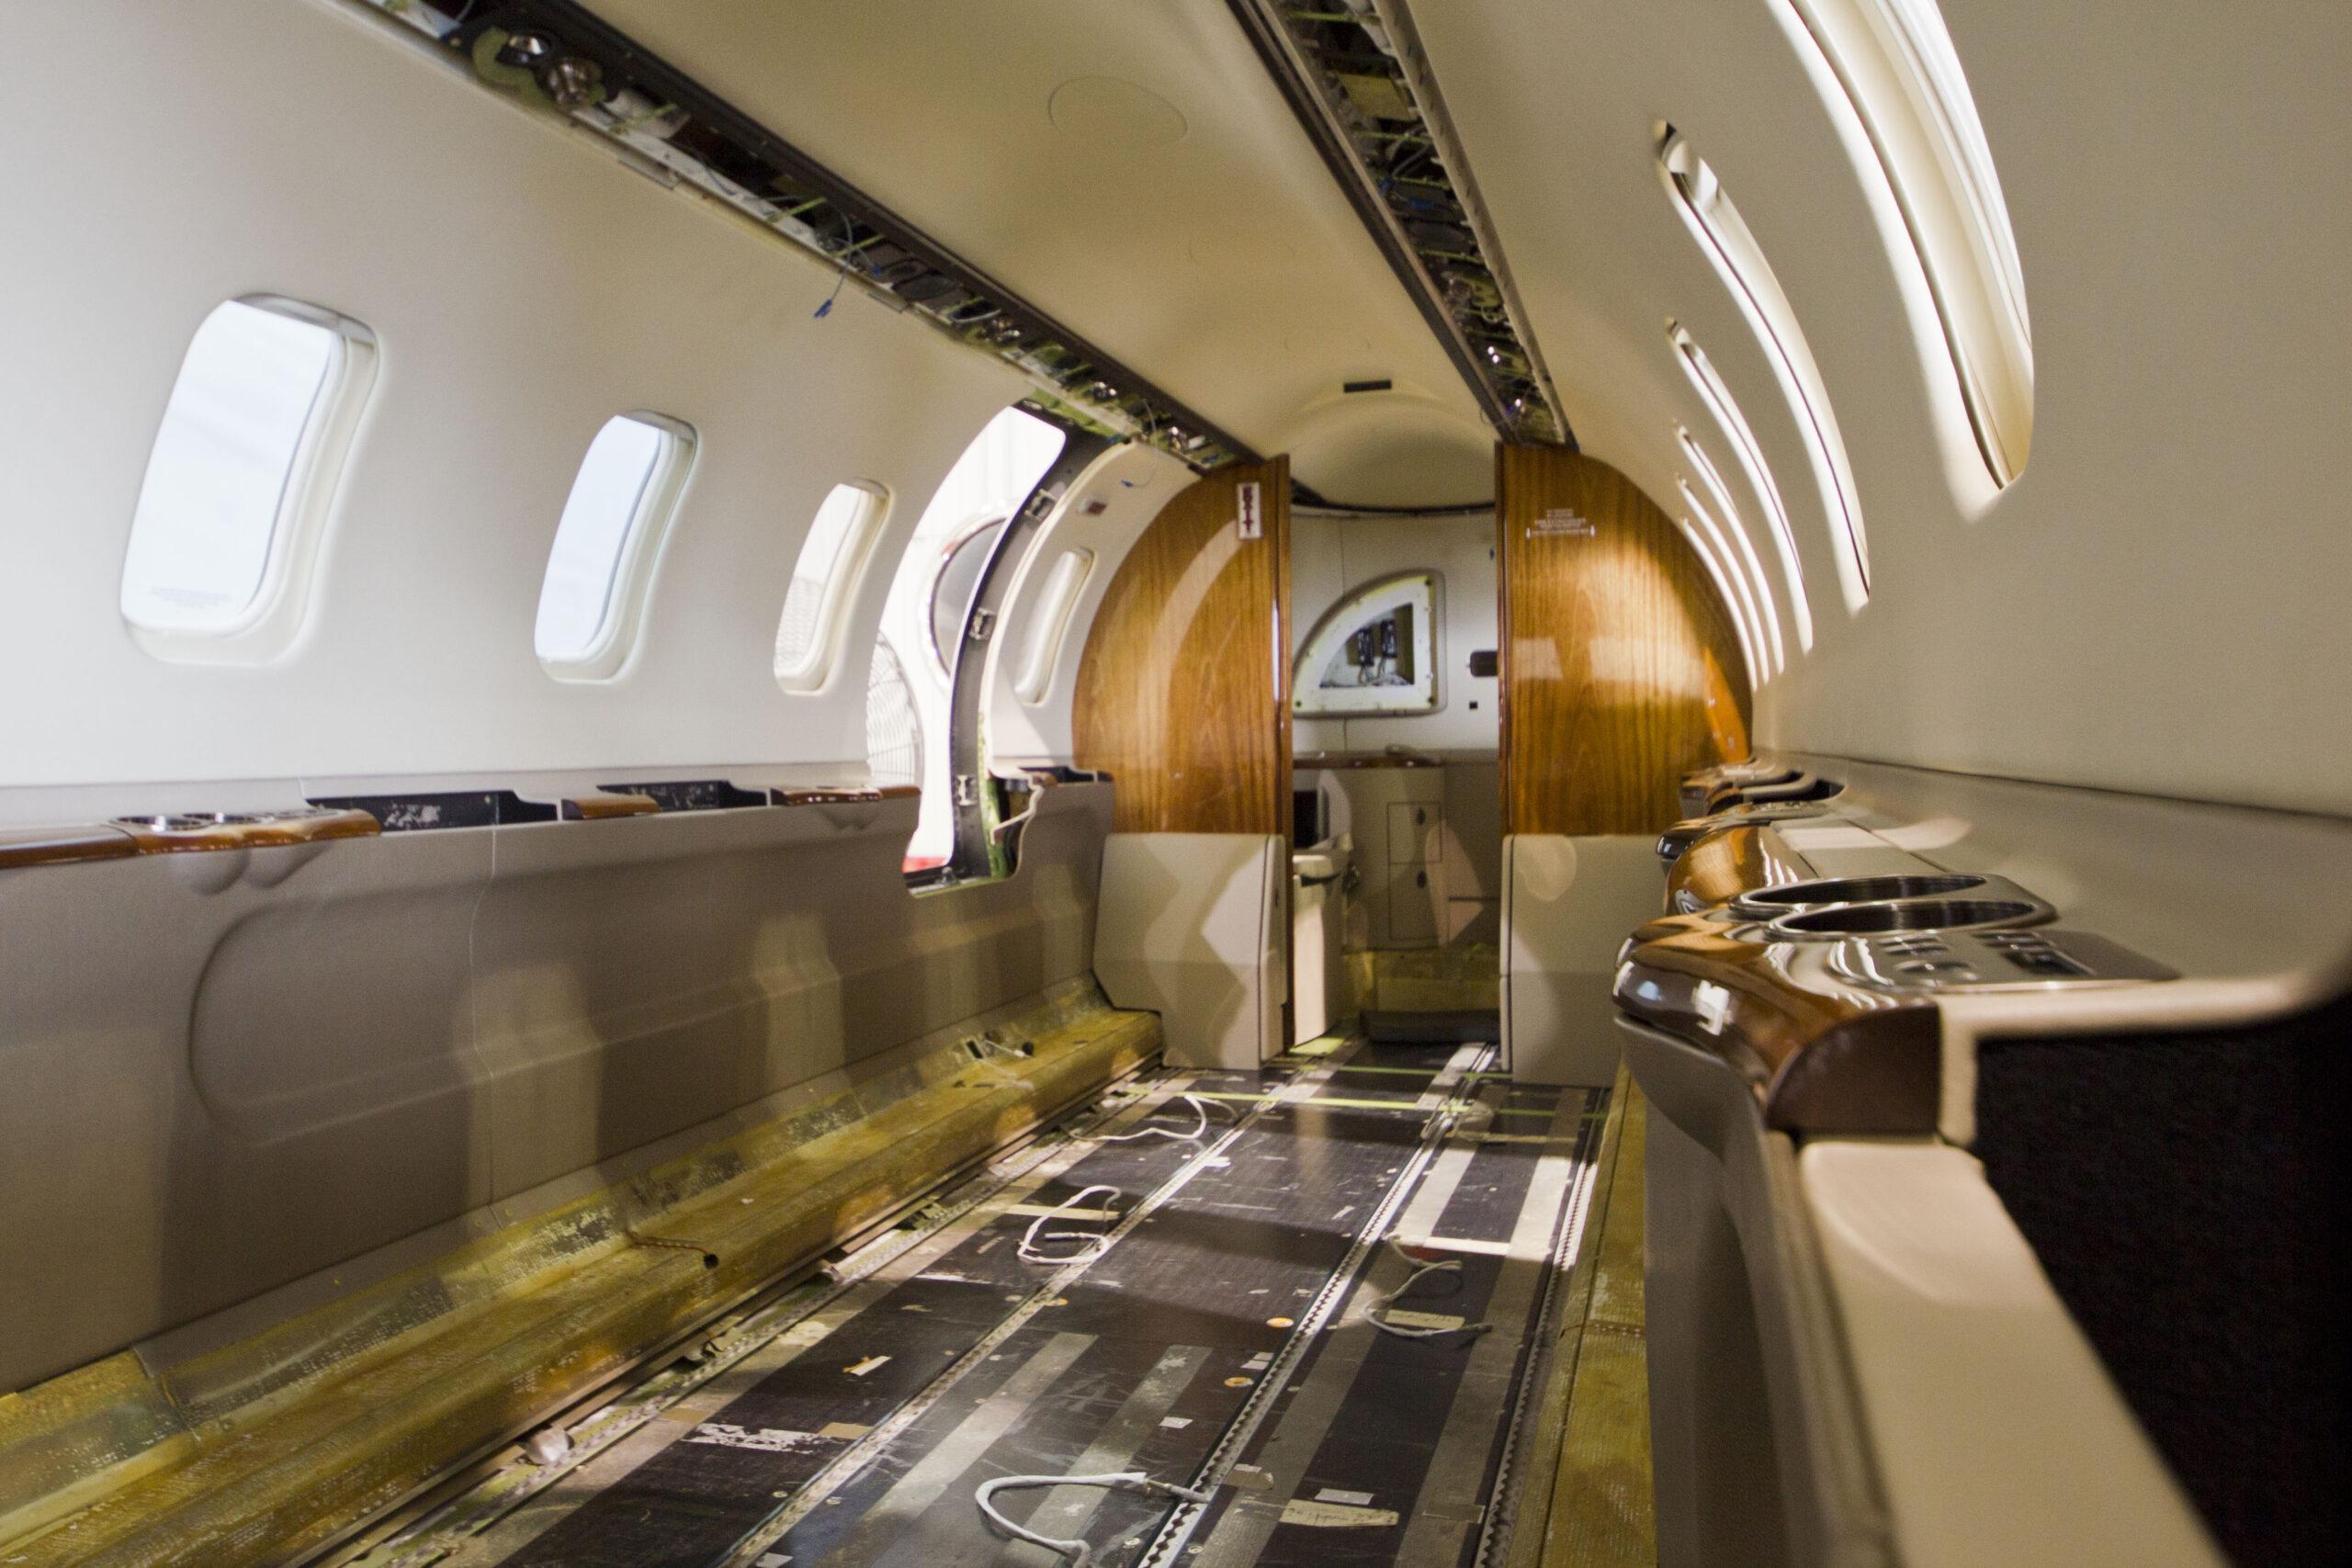 Aircraft interior design inc home design for Aircraft interior designs